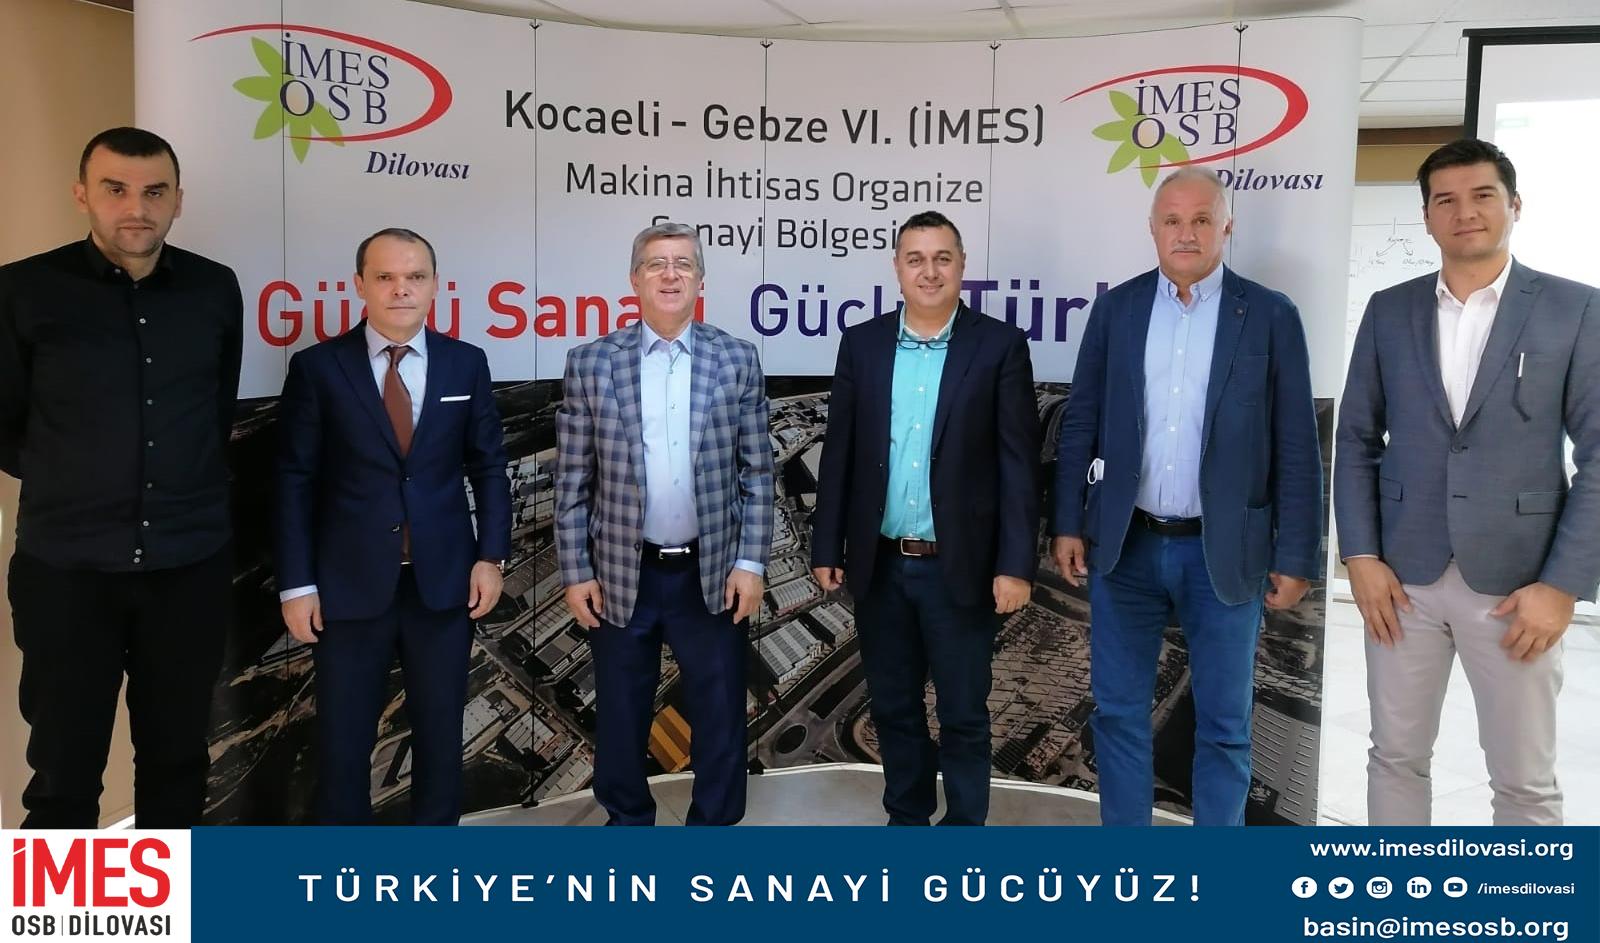 Marmara OSB Yönetim Kurulu Başkanı Saadettin ÇAY'dan İMES'e Ziyaret